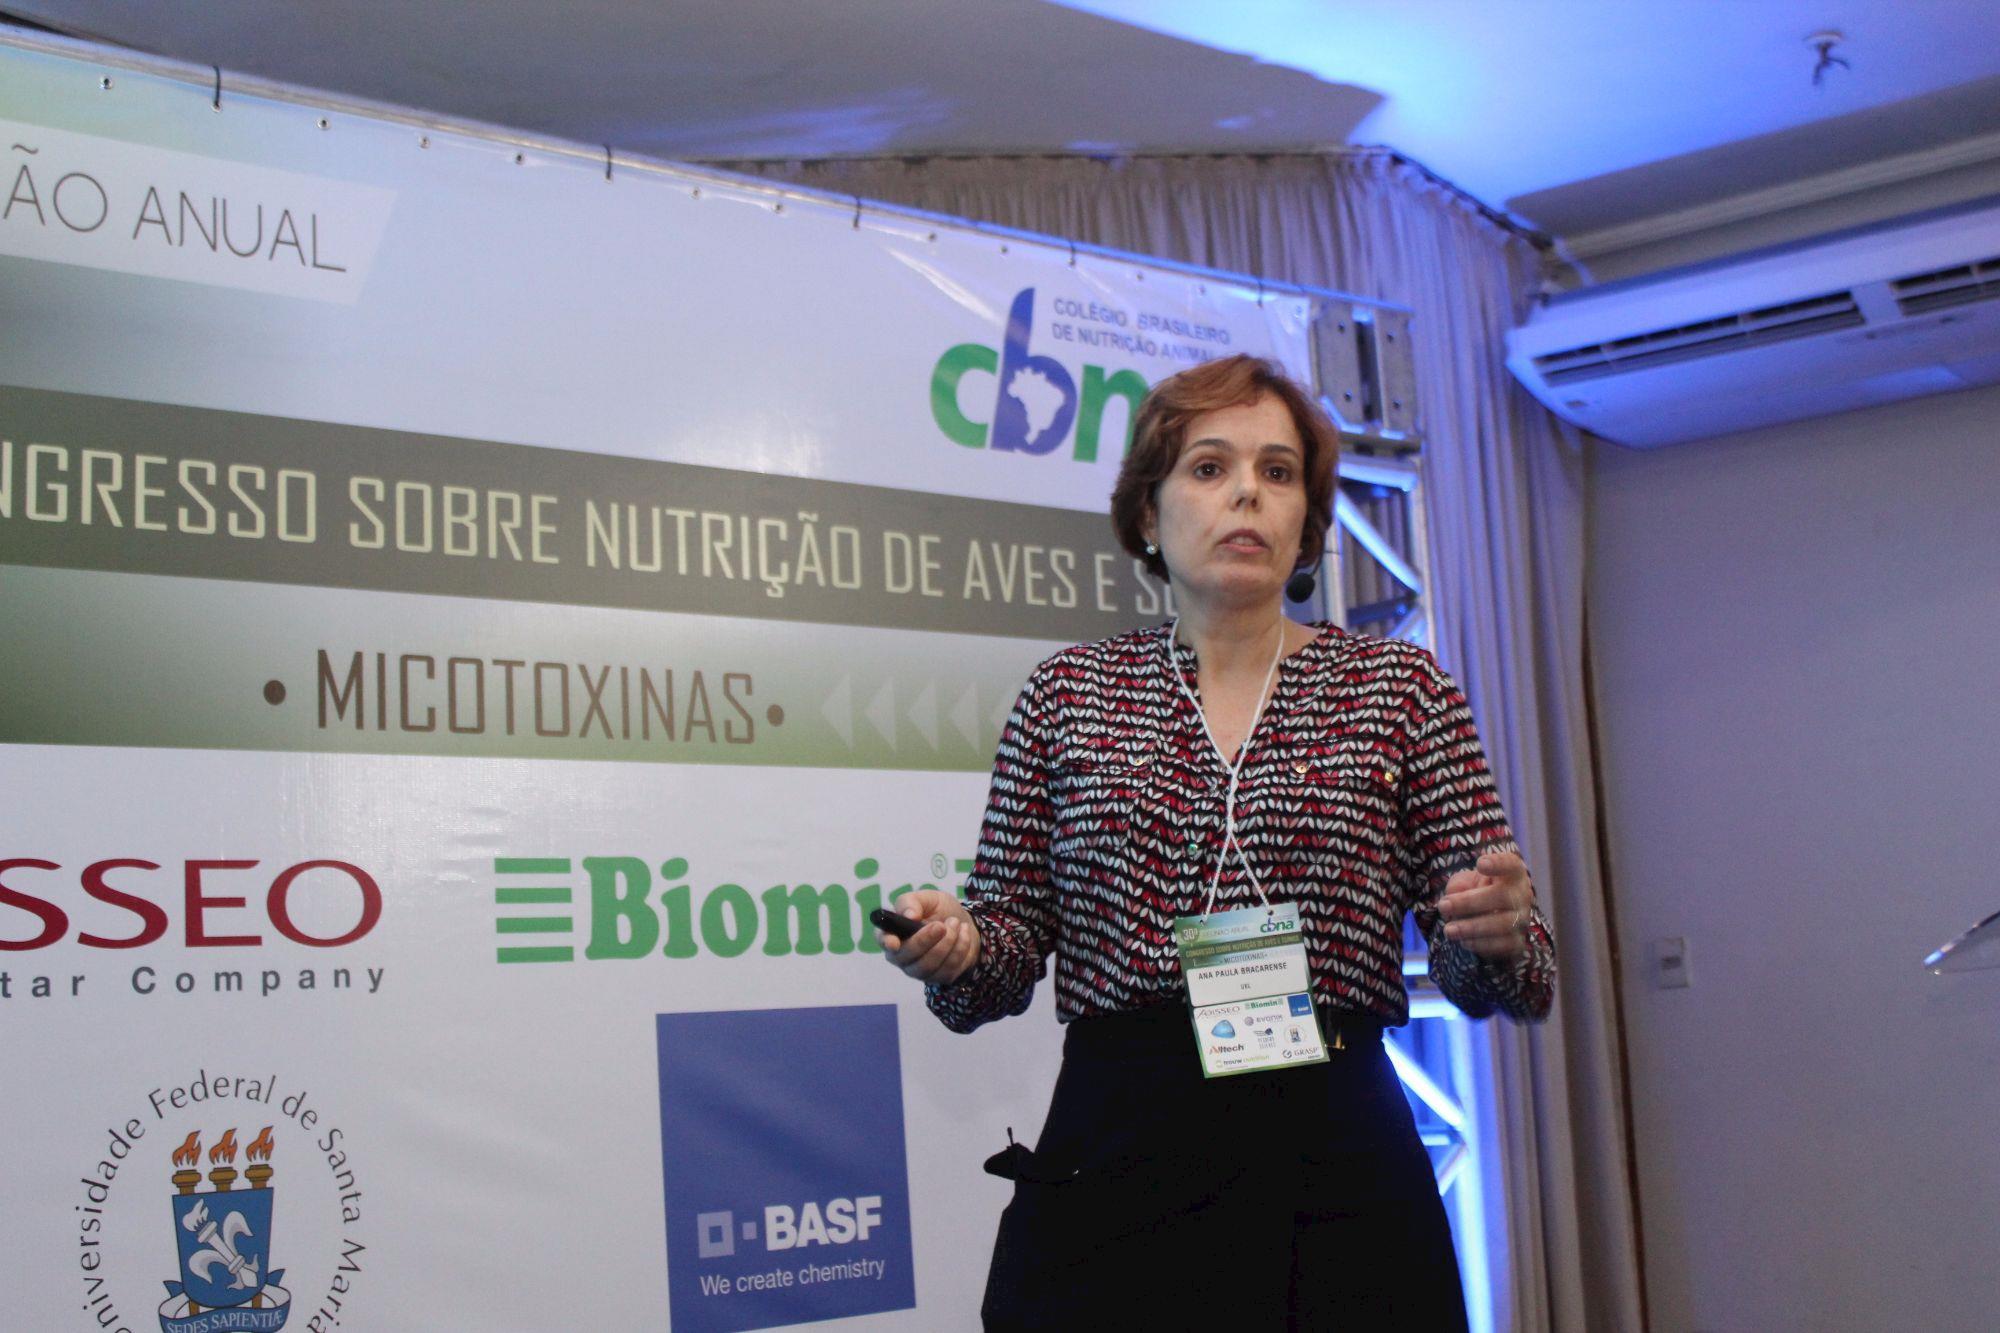 CBNA 2016 - Congresso sobre Nutrição de Aves e Suínos: Micotoxinas , CBNA 2016 - Congresso sobre Nutrição de Aves e Suínos: Micotoxinas